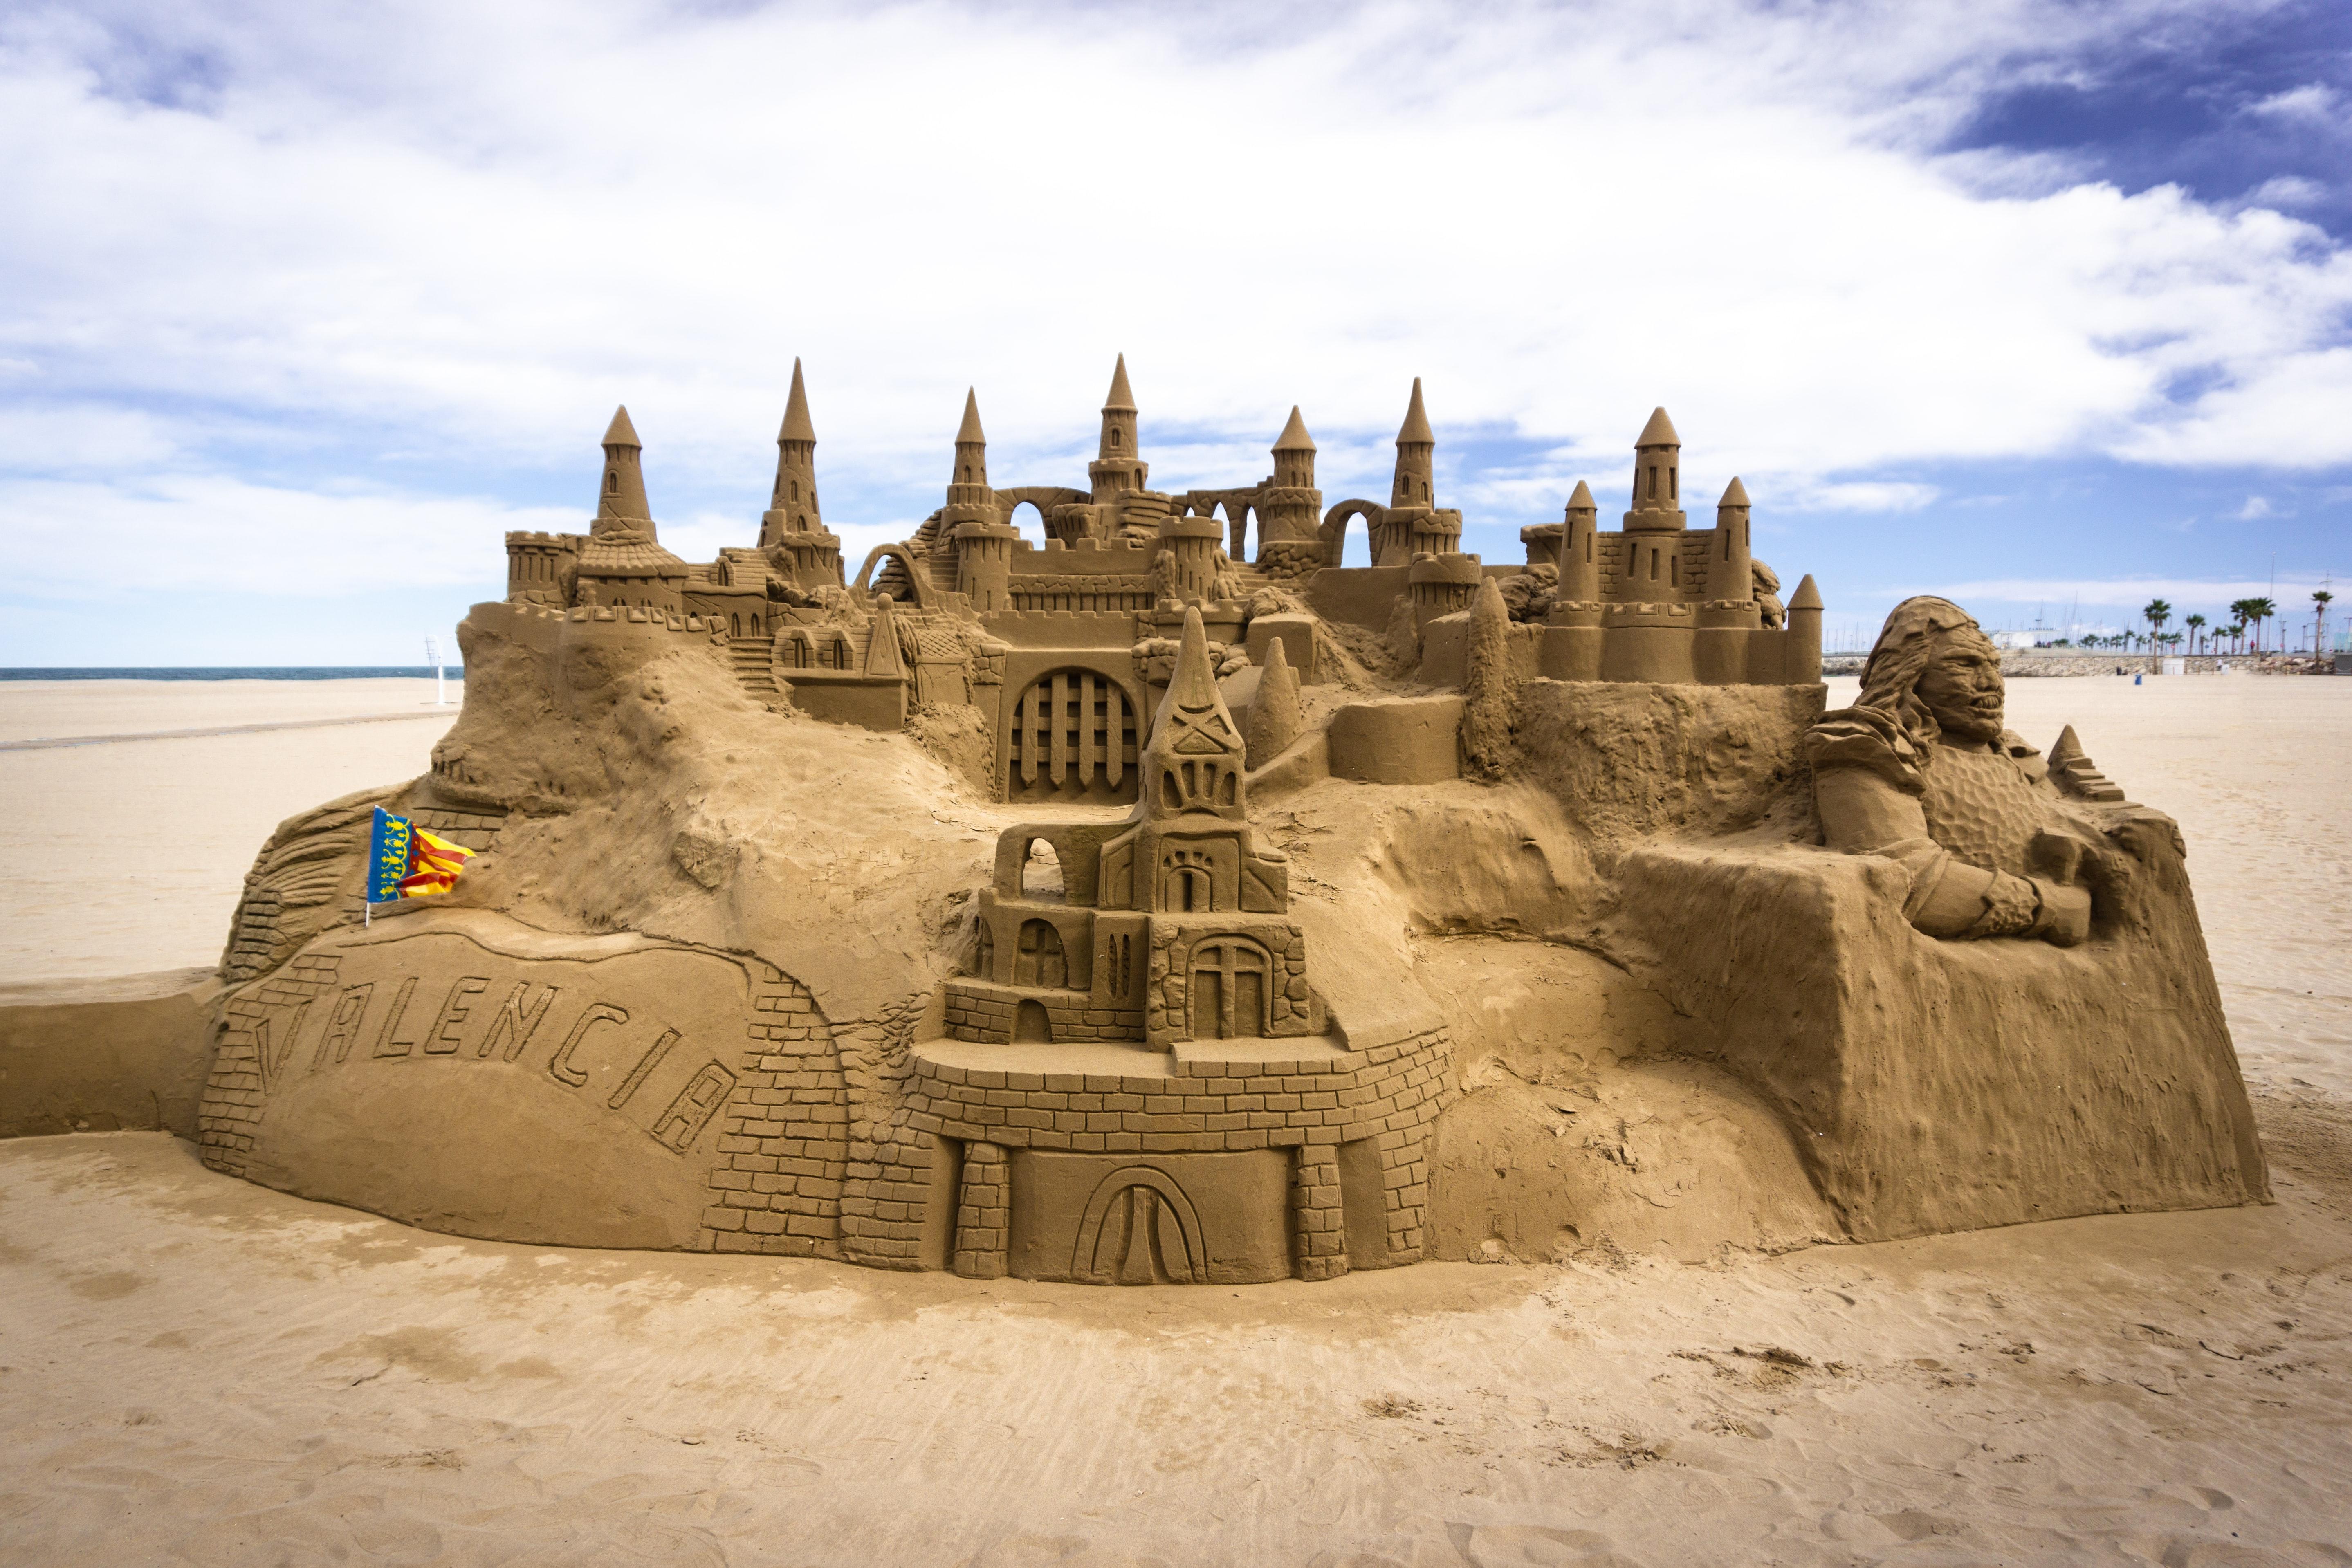 Giant sand castle, Valencia, Spain, Beaches